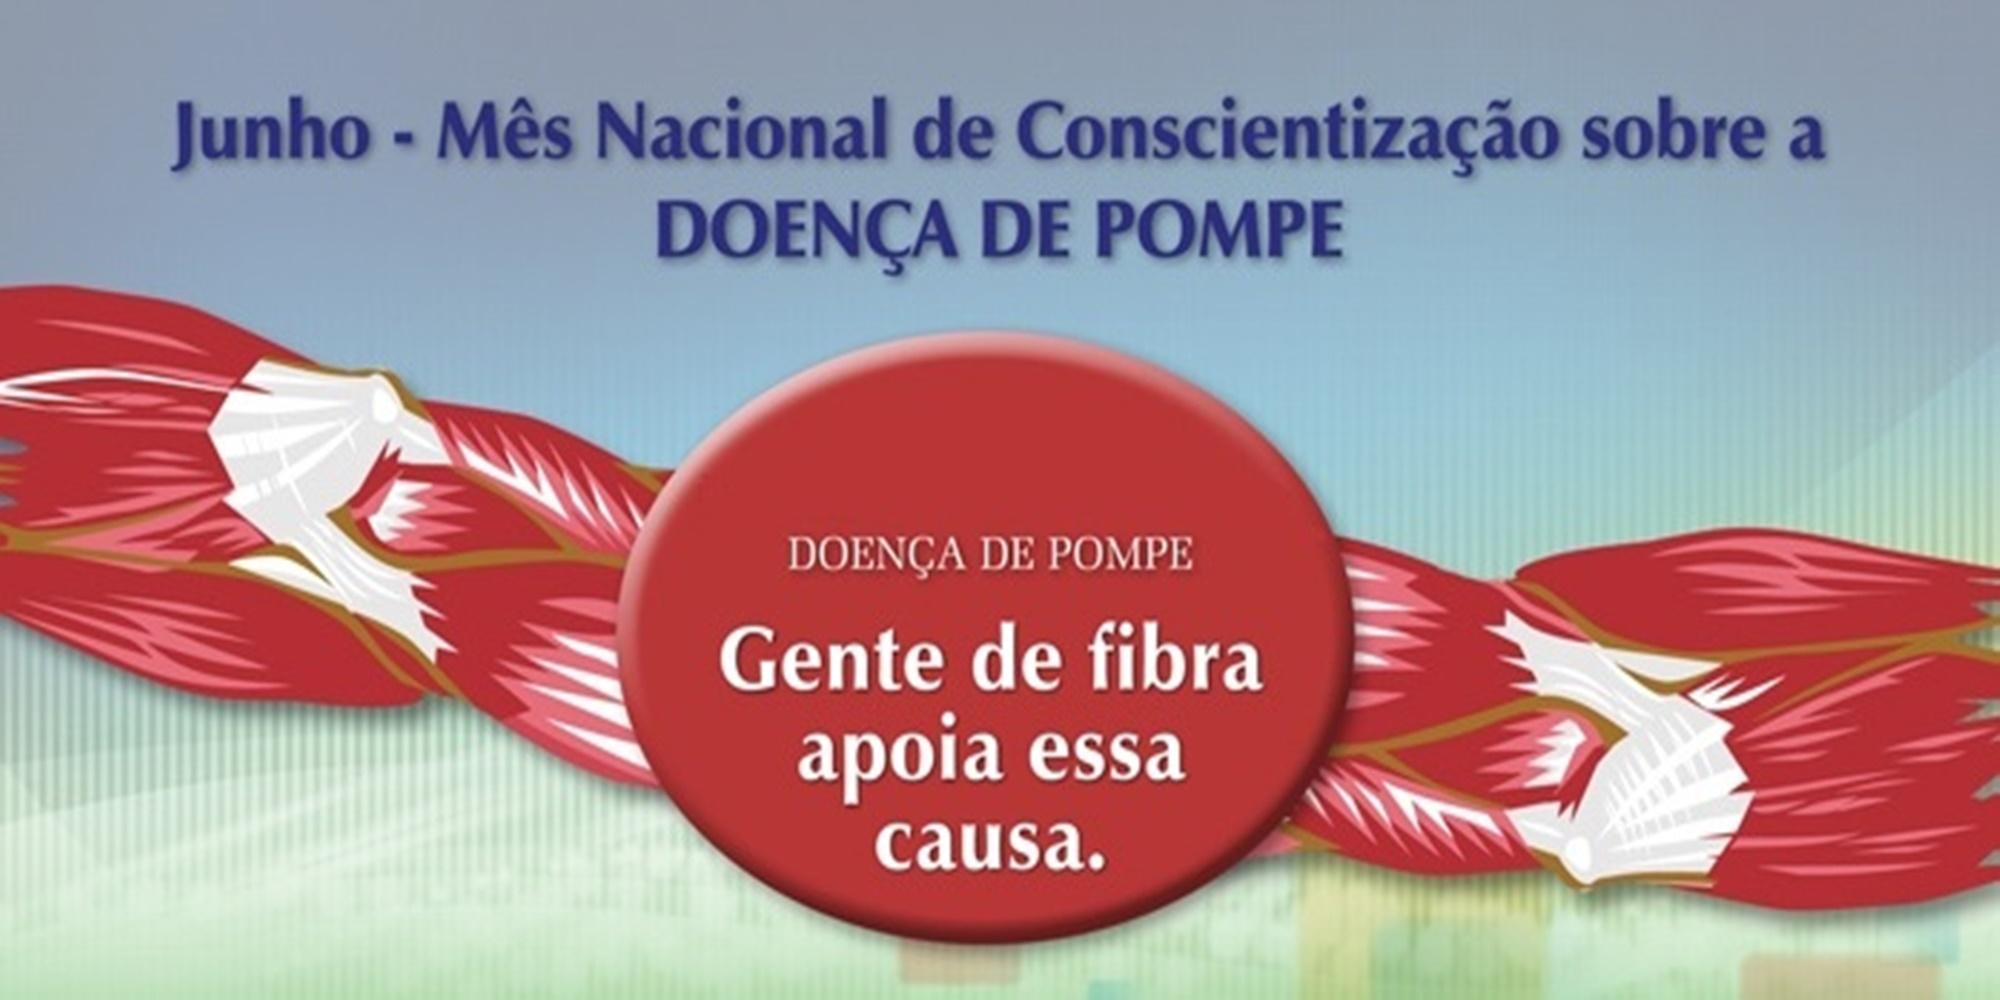 CANCELADO | Academia Brasileira de Neurologia (ABN), em Parceria com a Liga Acadêmica de Genética Médica Promovem Ação para a Conscientização da Doença de Pompe